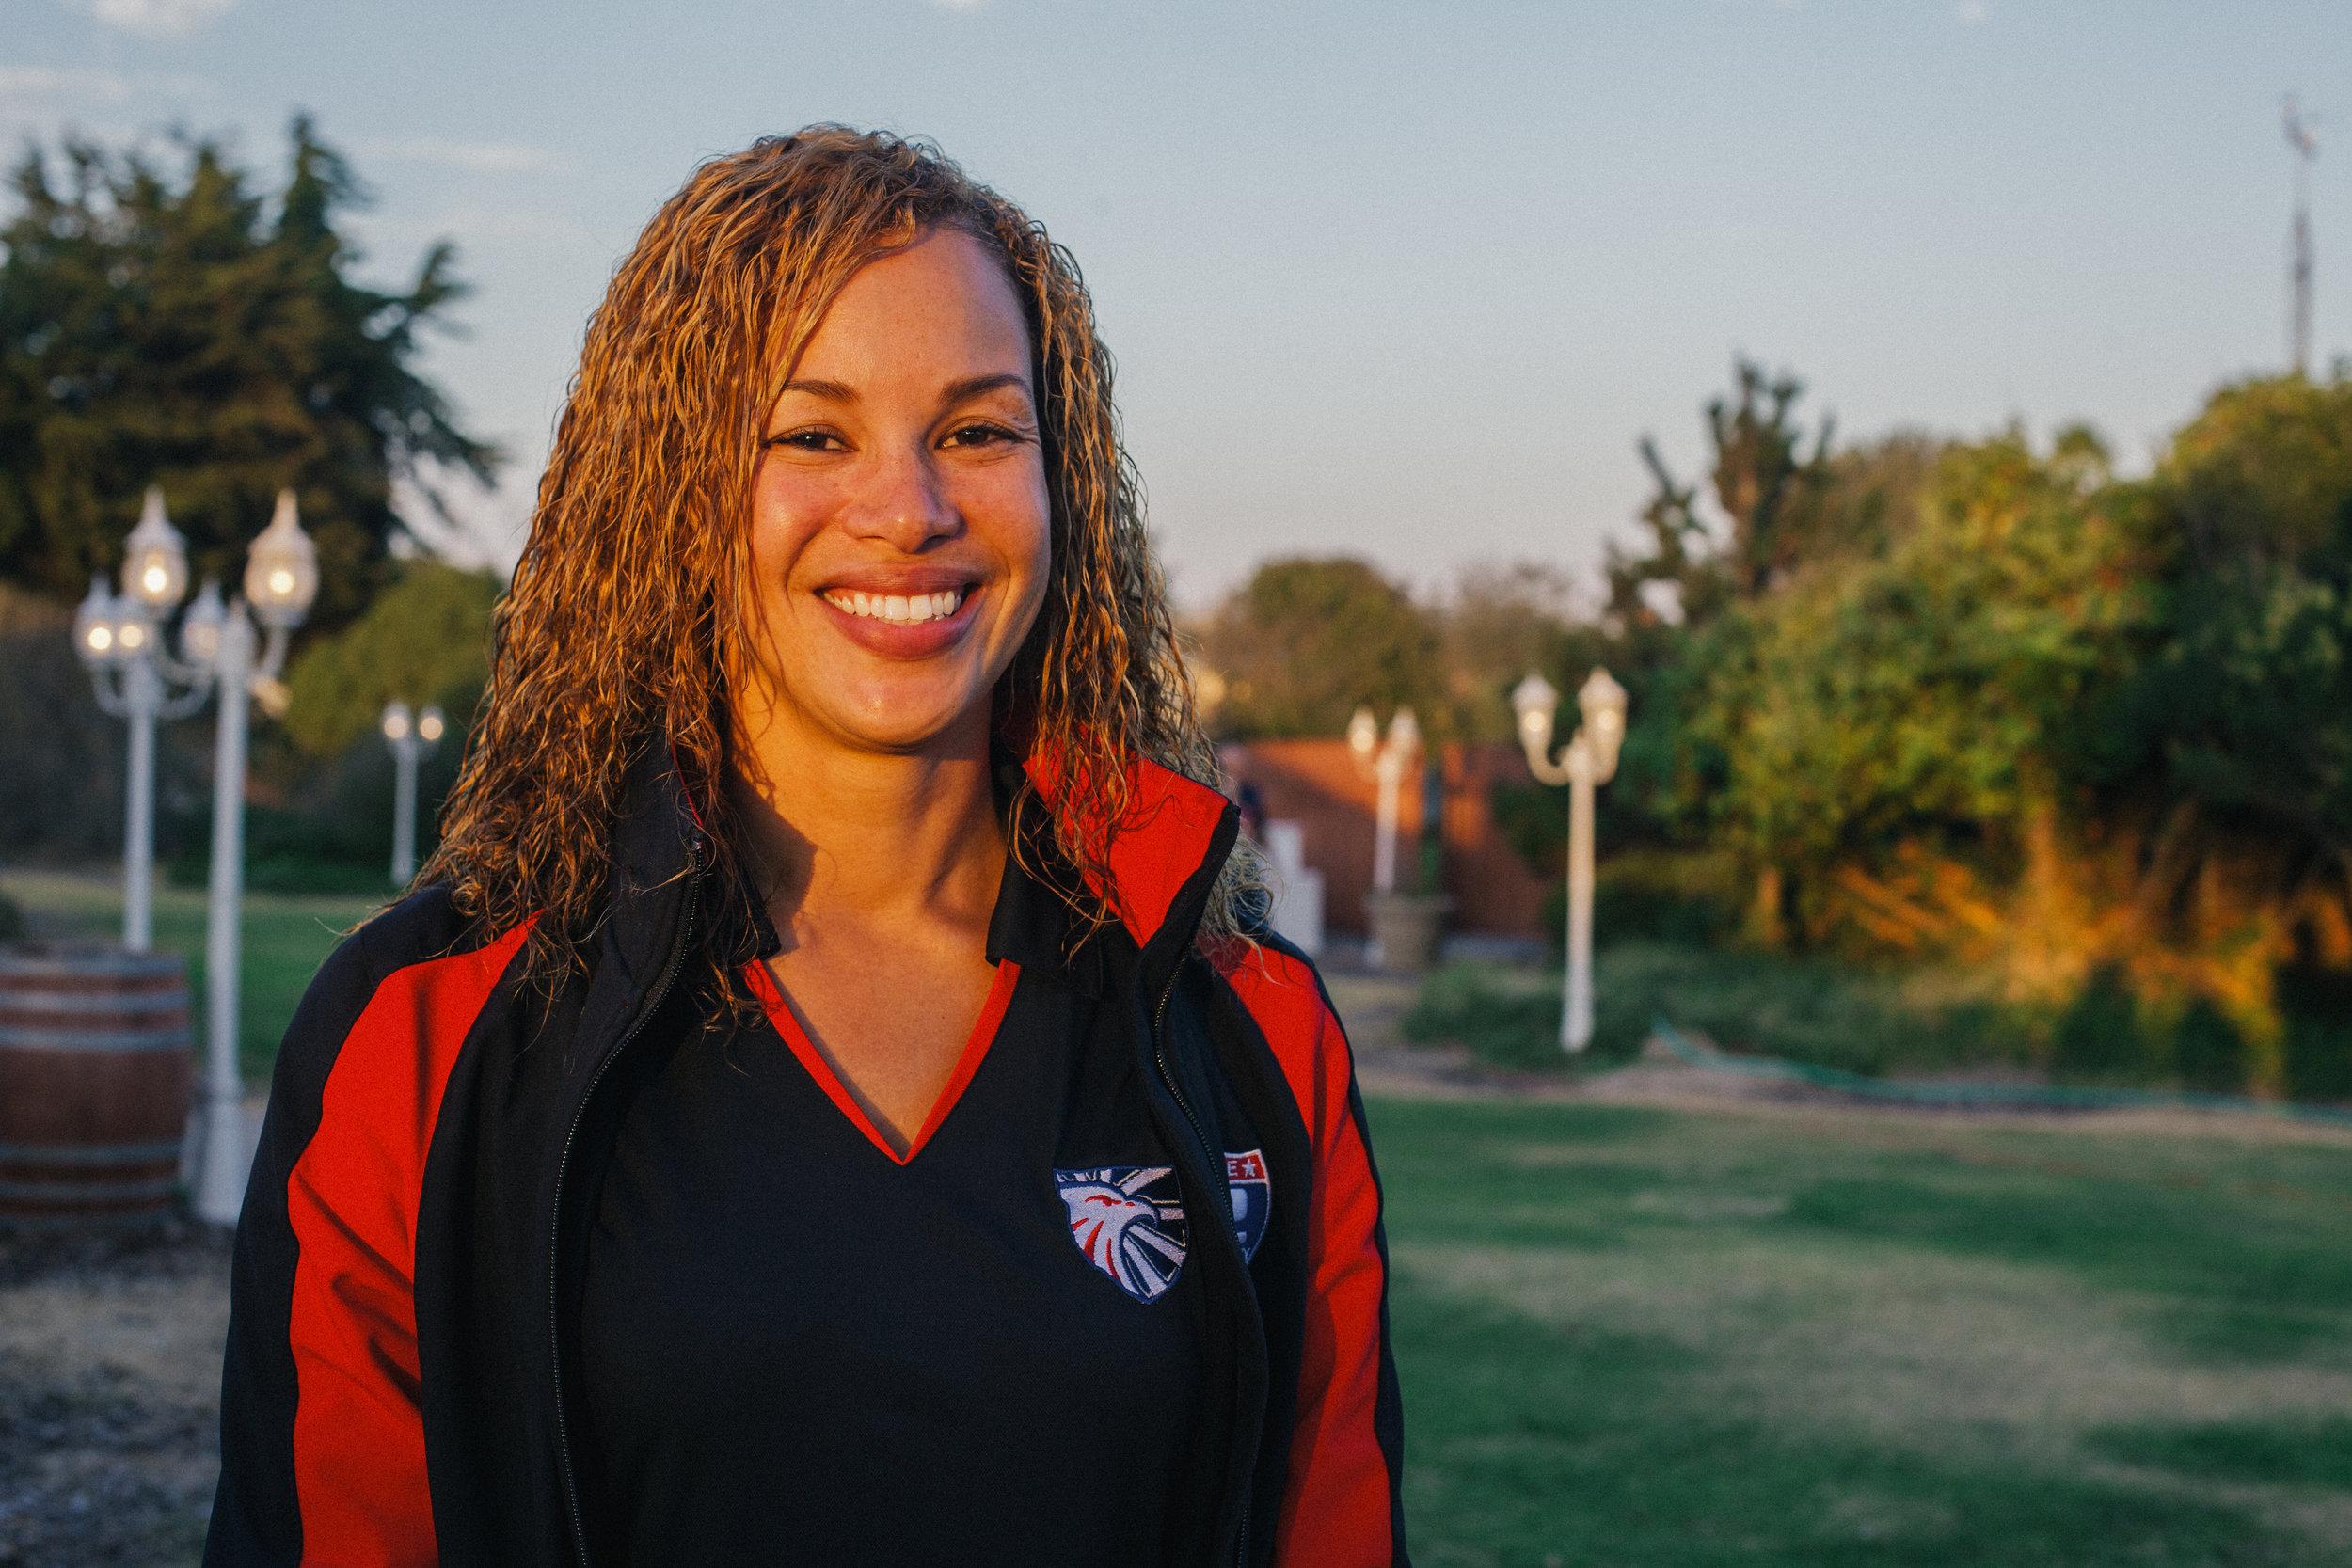 Beatrix Alesantos, originally from Miami, Florida